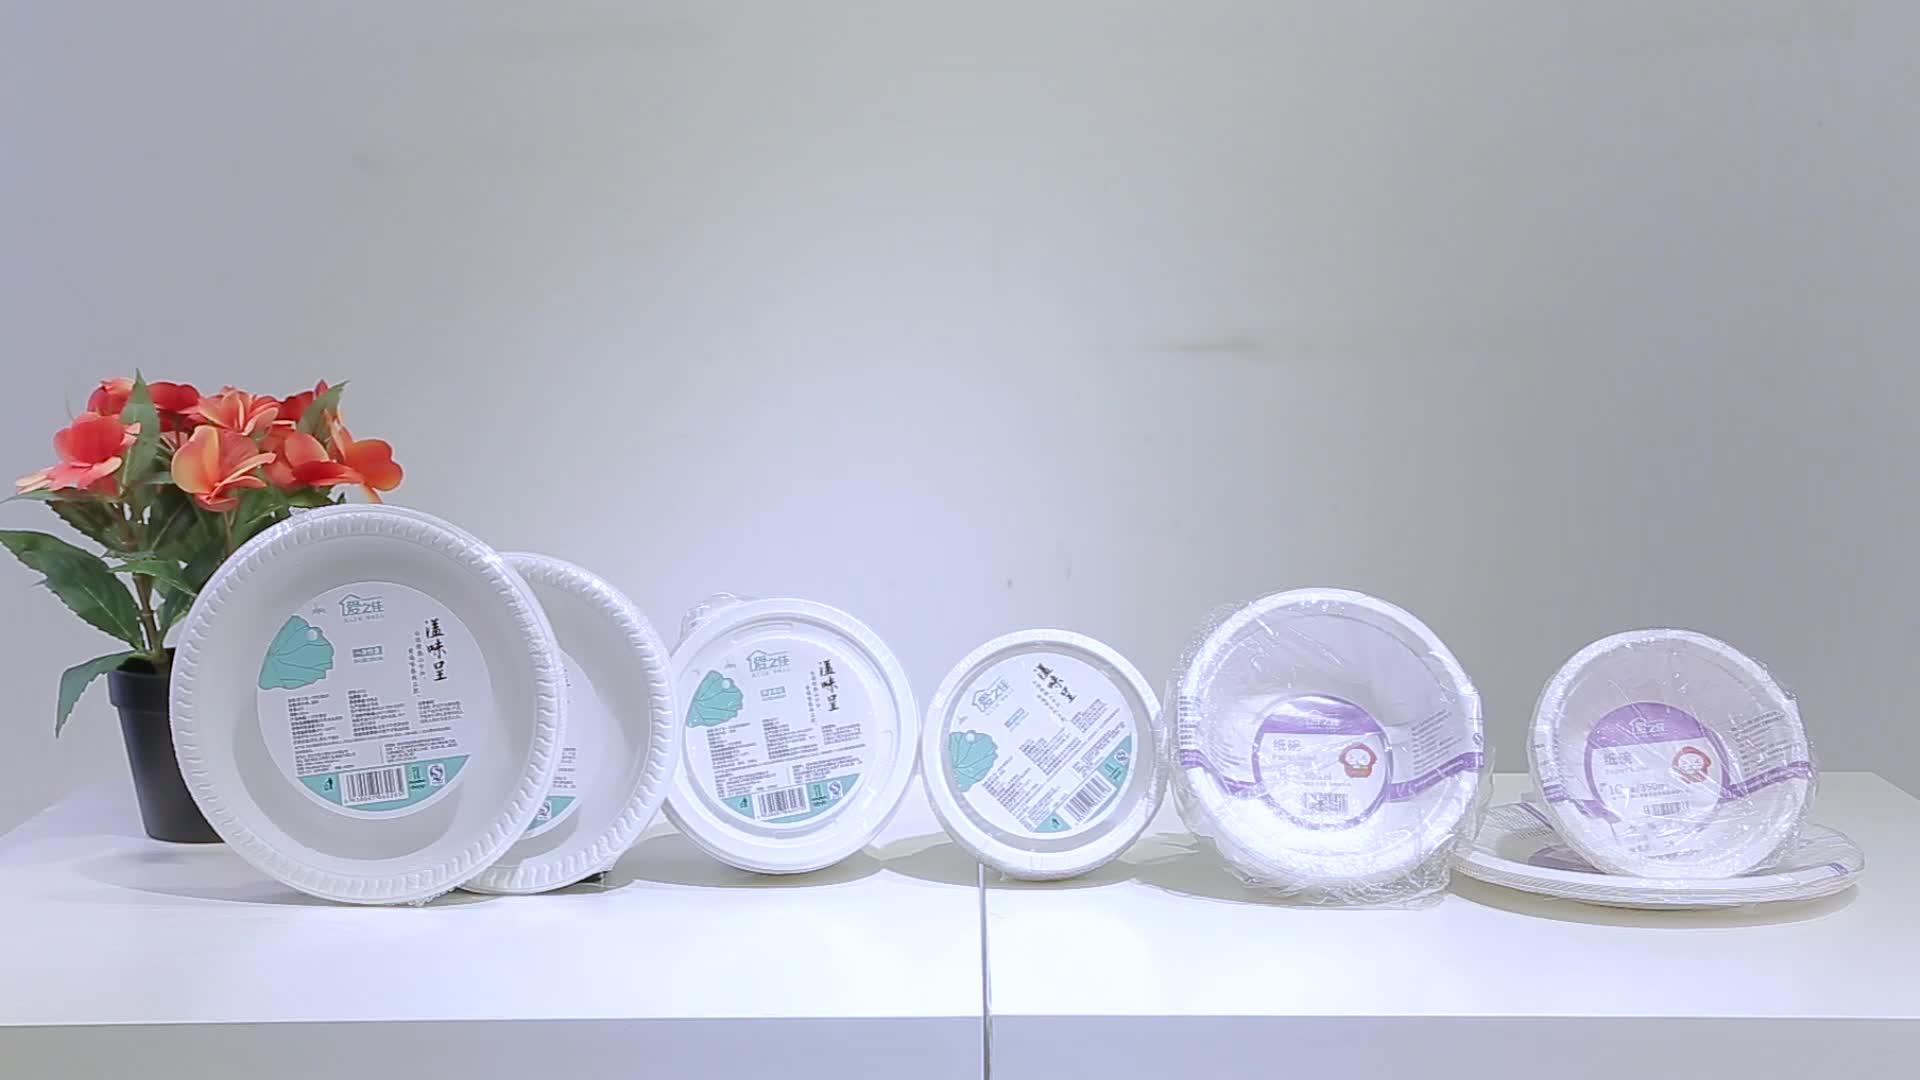 वर्ग biodegradable प्रयोज्य tableware गन्ना प्लेटें